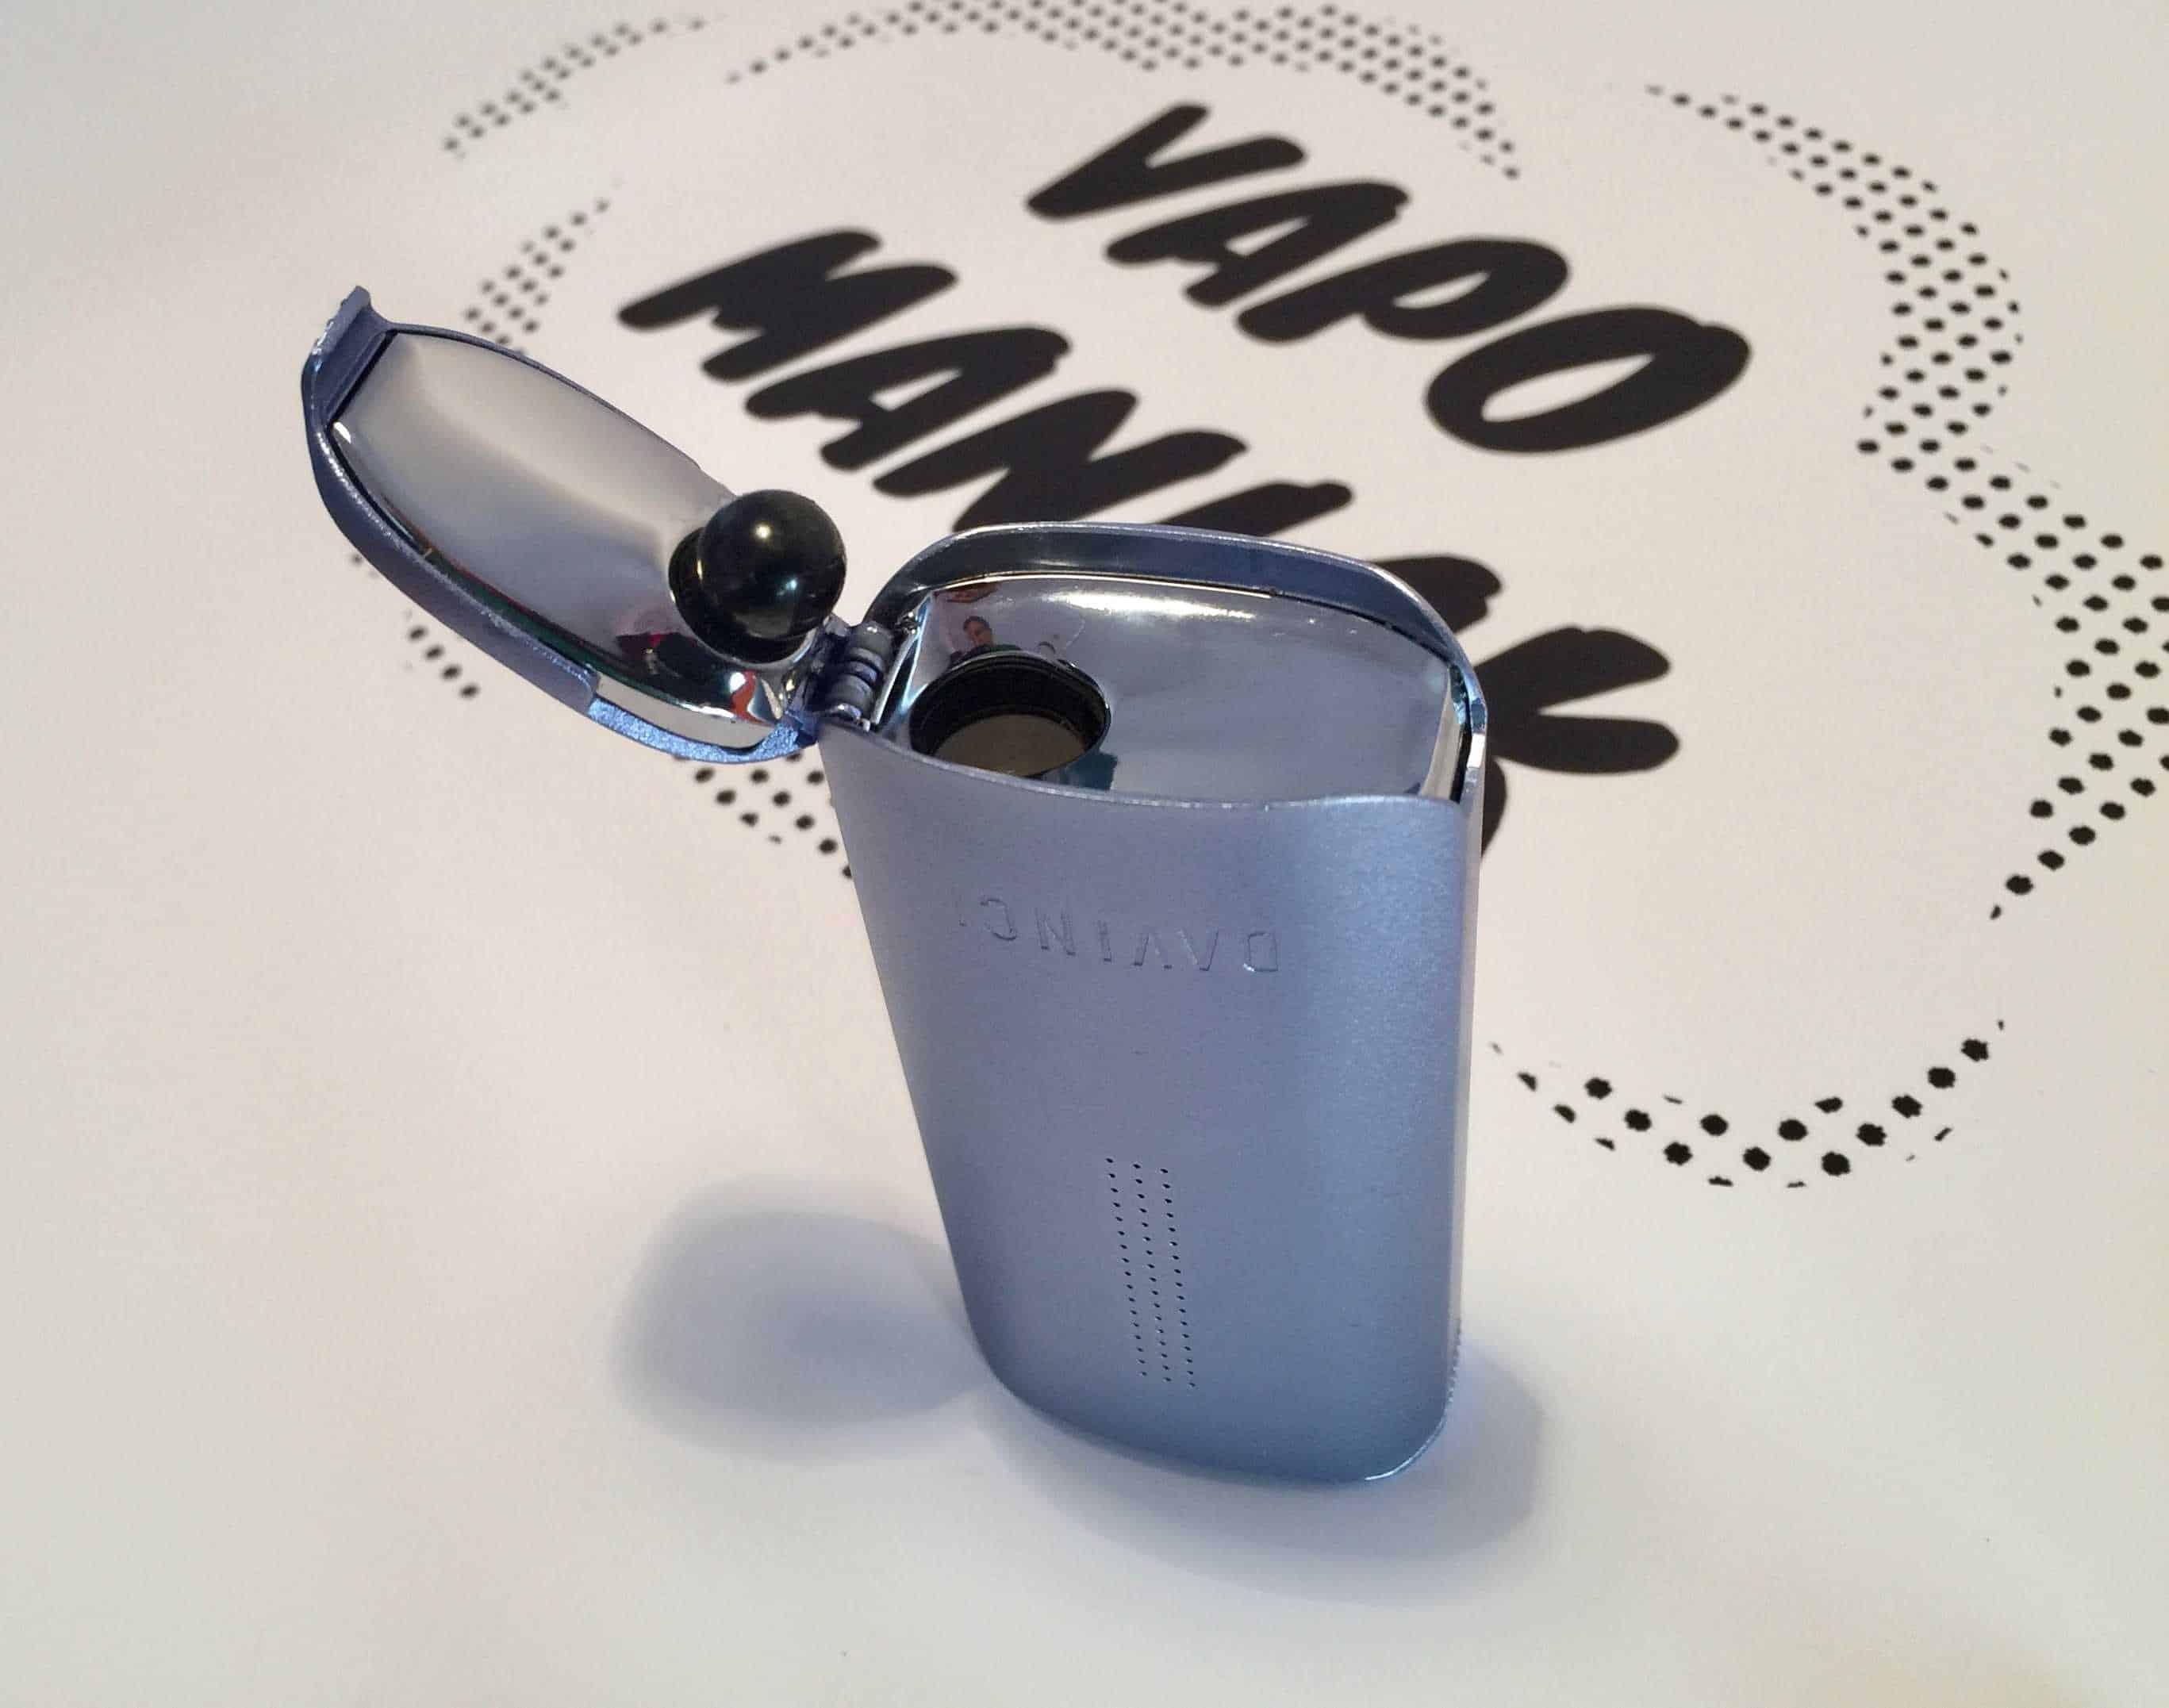 Komora grzewcza jest umiejscowiona na dole vaporizera, co wydłuża ścieżkę pary.